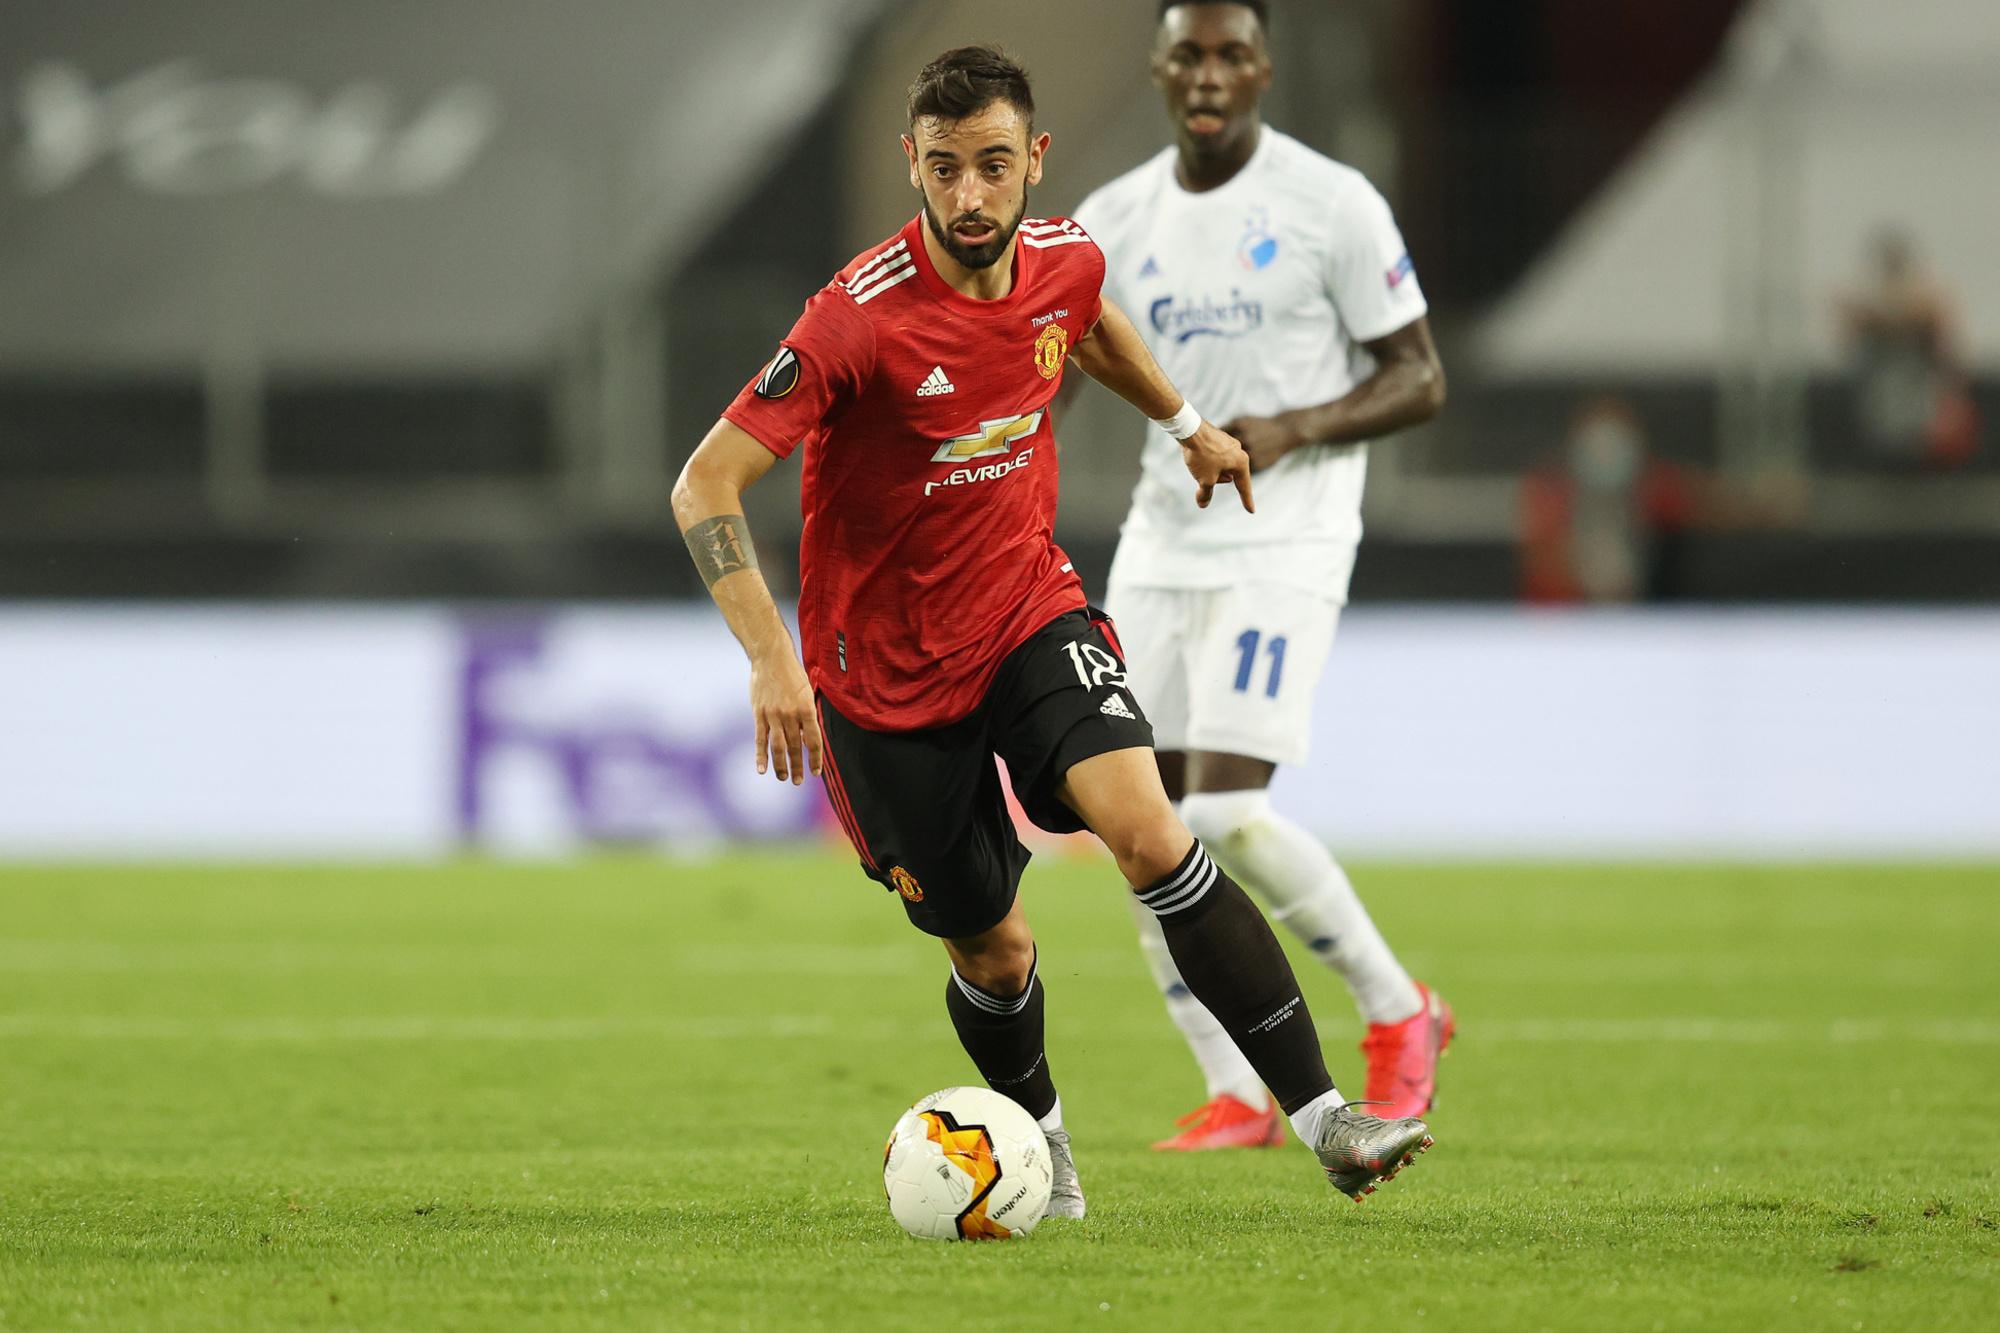 Bruno Fernandes s'est imposé en Premier League en l'espace de quelques mois., DPA